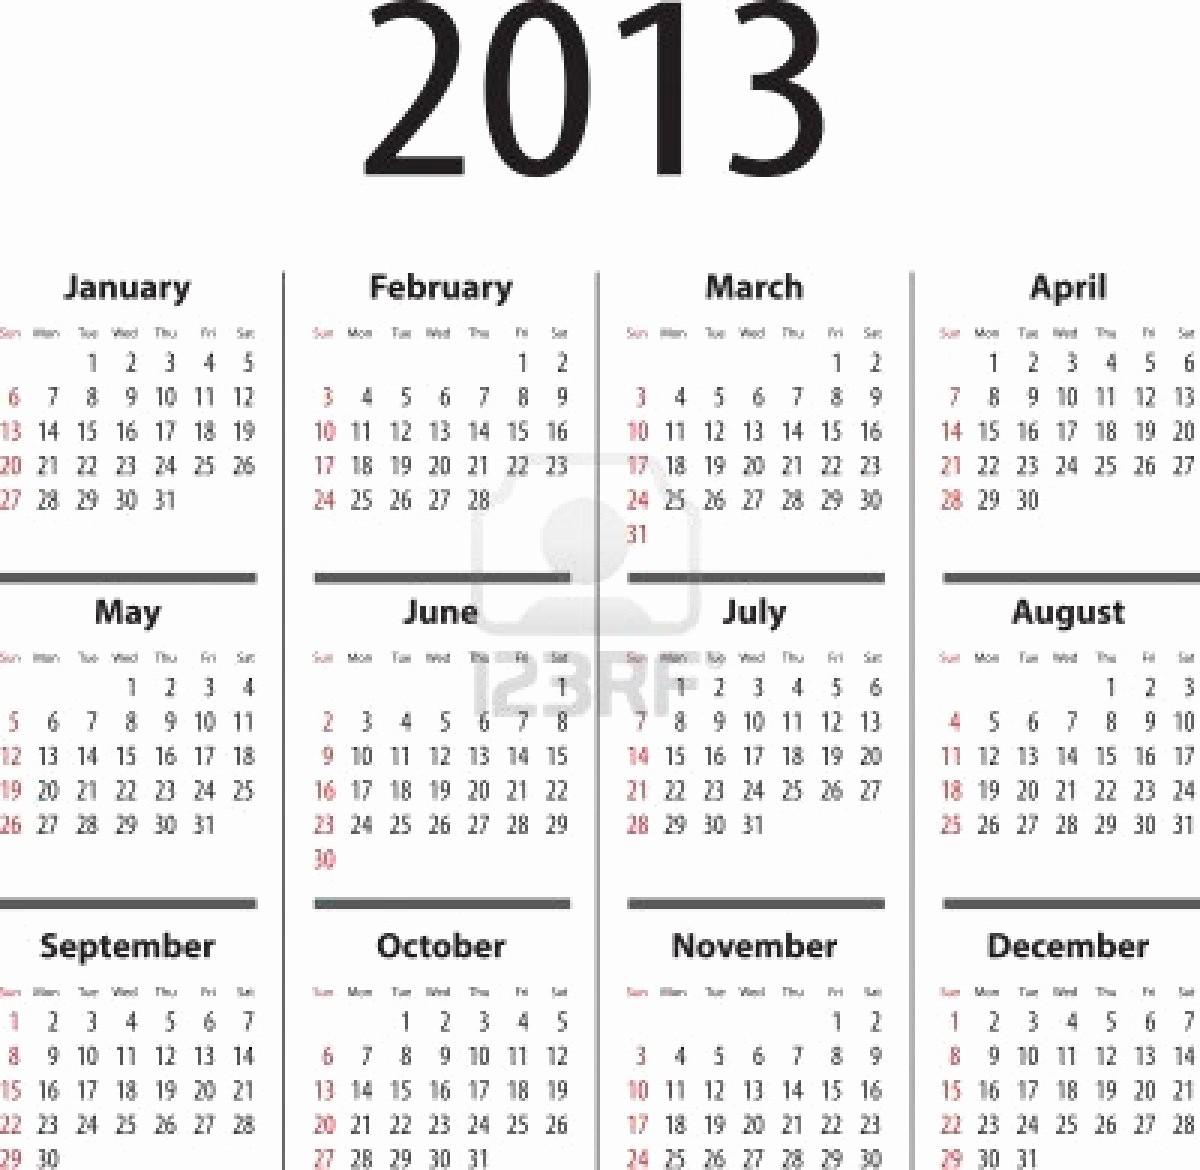 2013 Calendar Printable One Page Inspirational 2013 Calendar 001a5